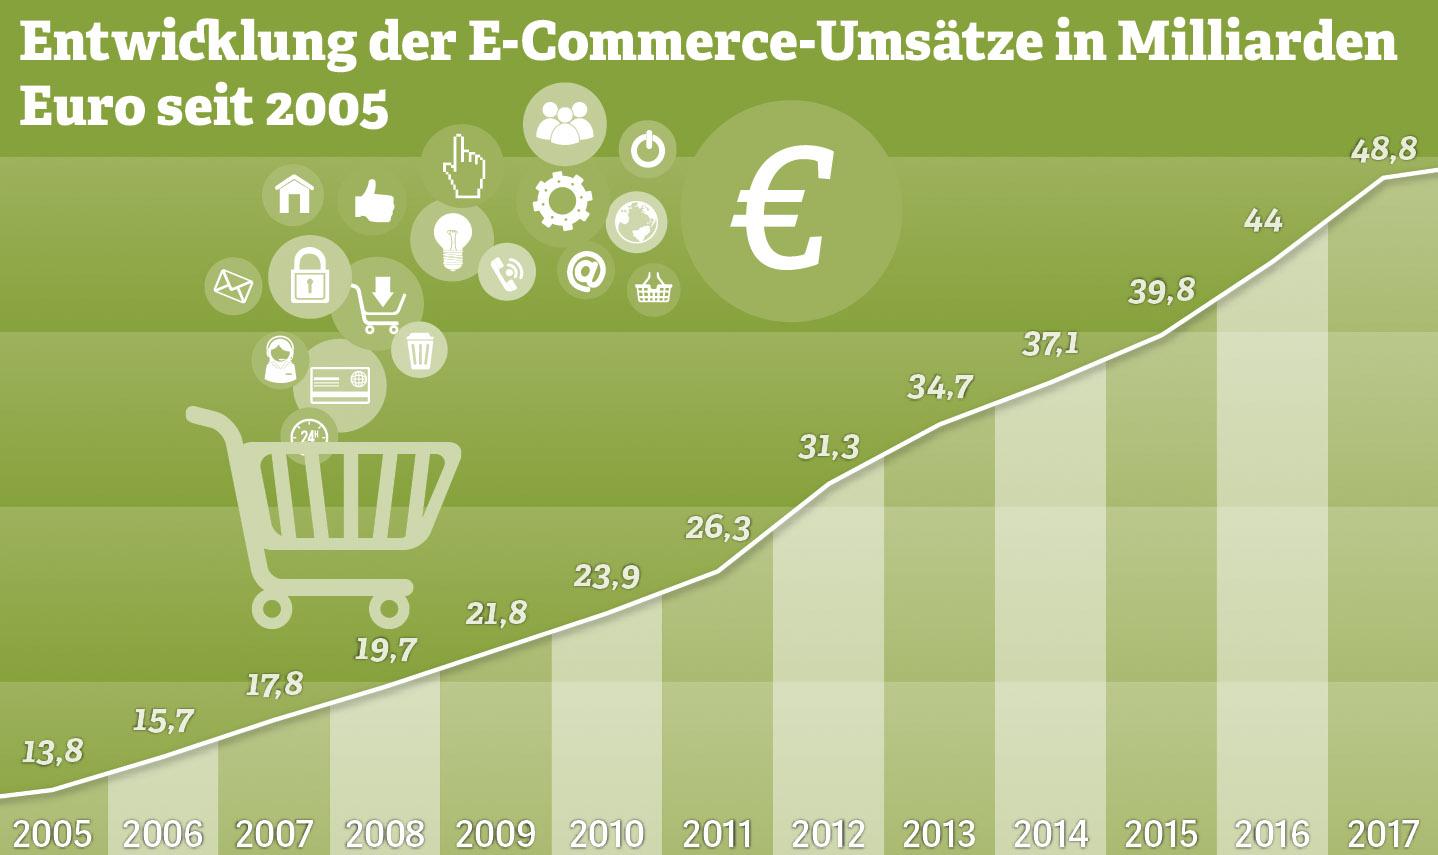 Entwicklung der E-Commerce-Umsätze.